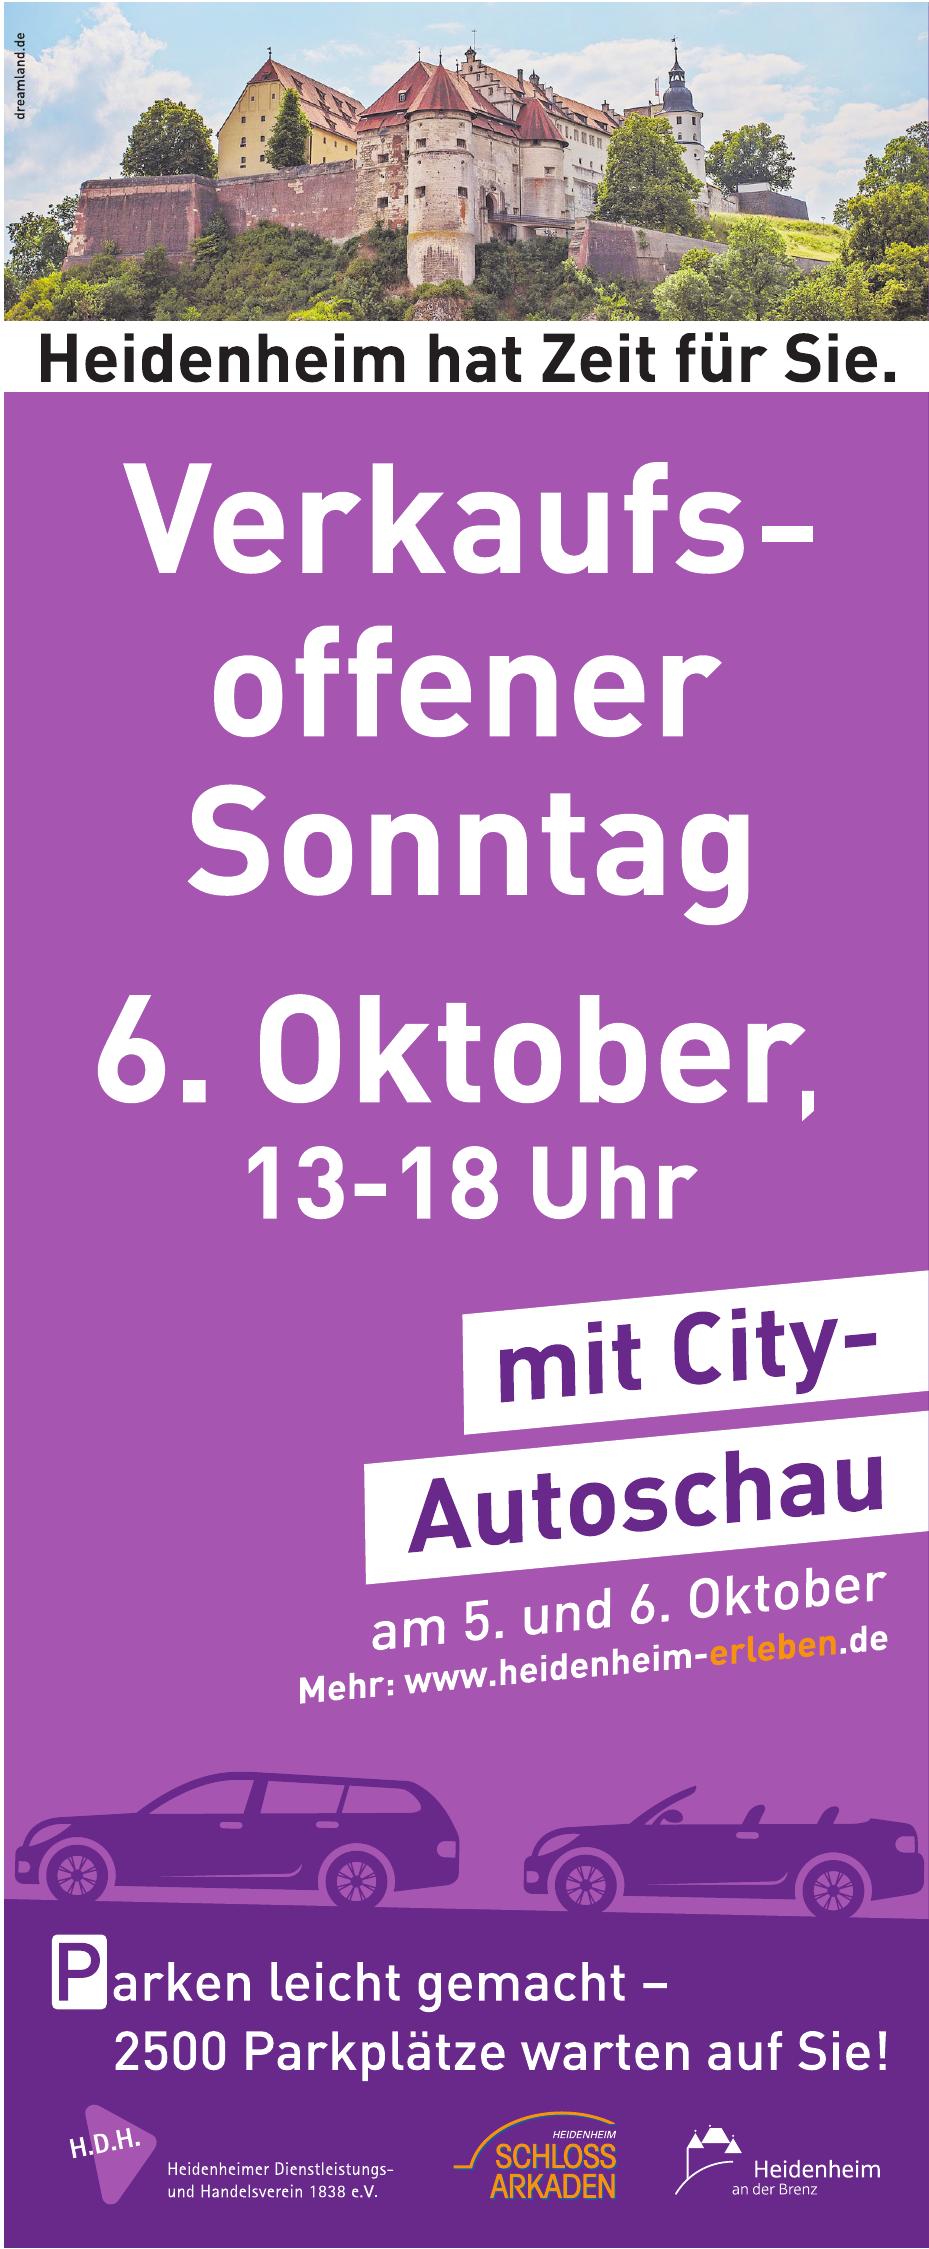 City-Autoschau